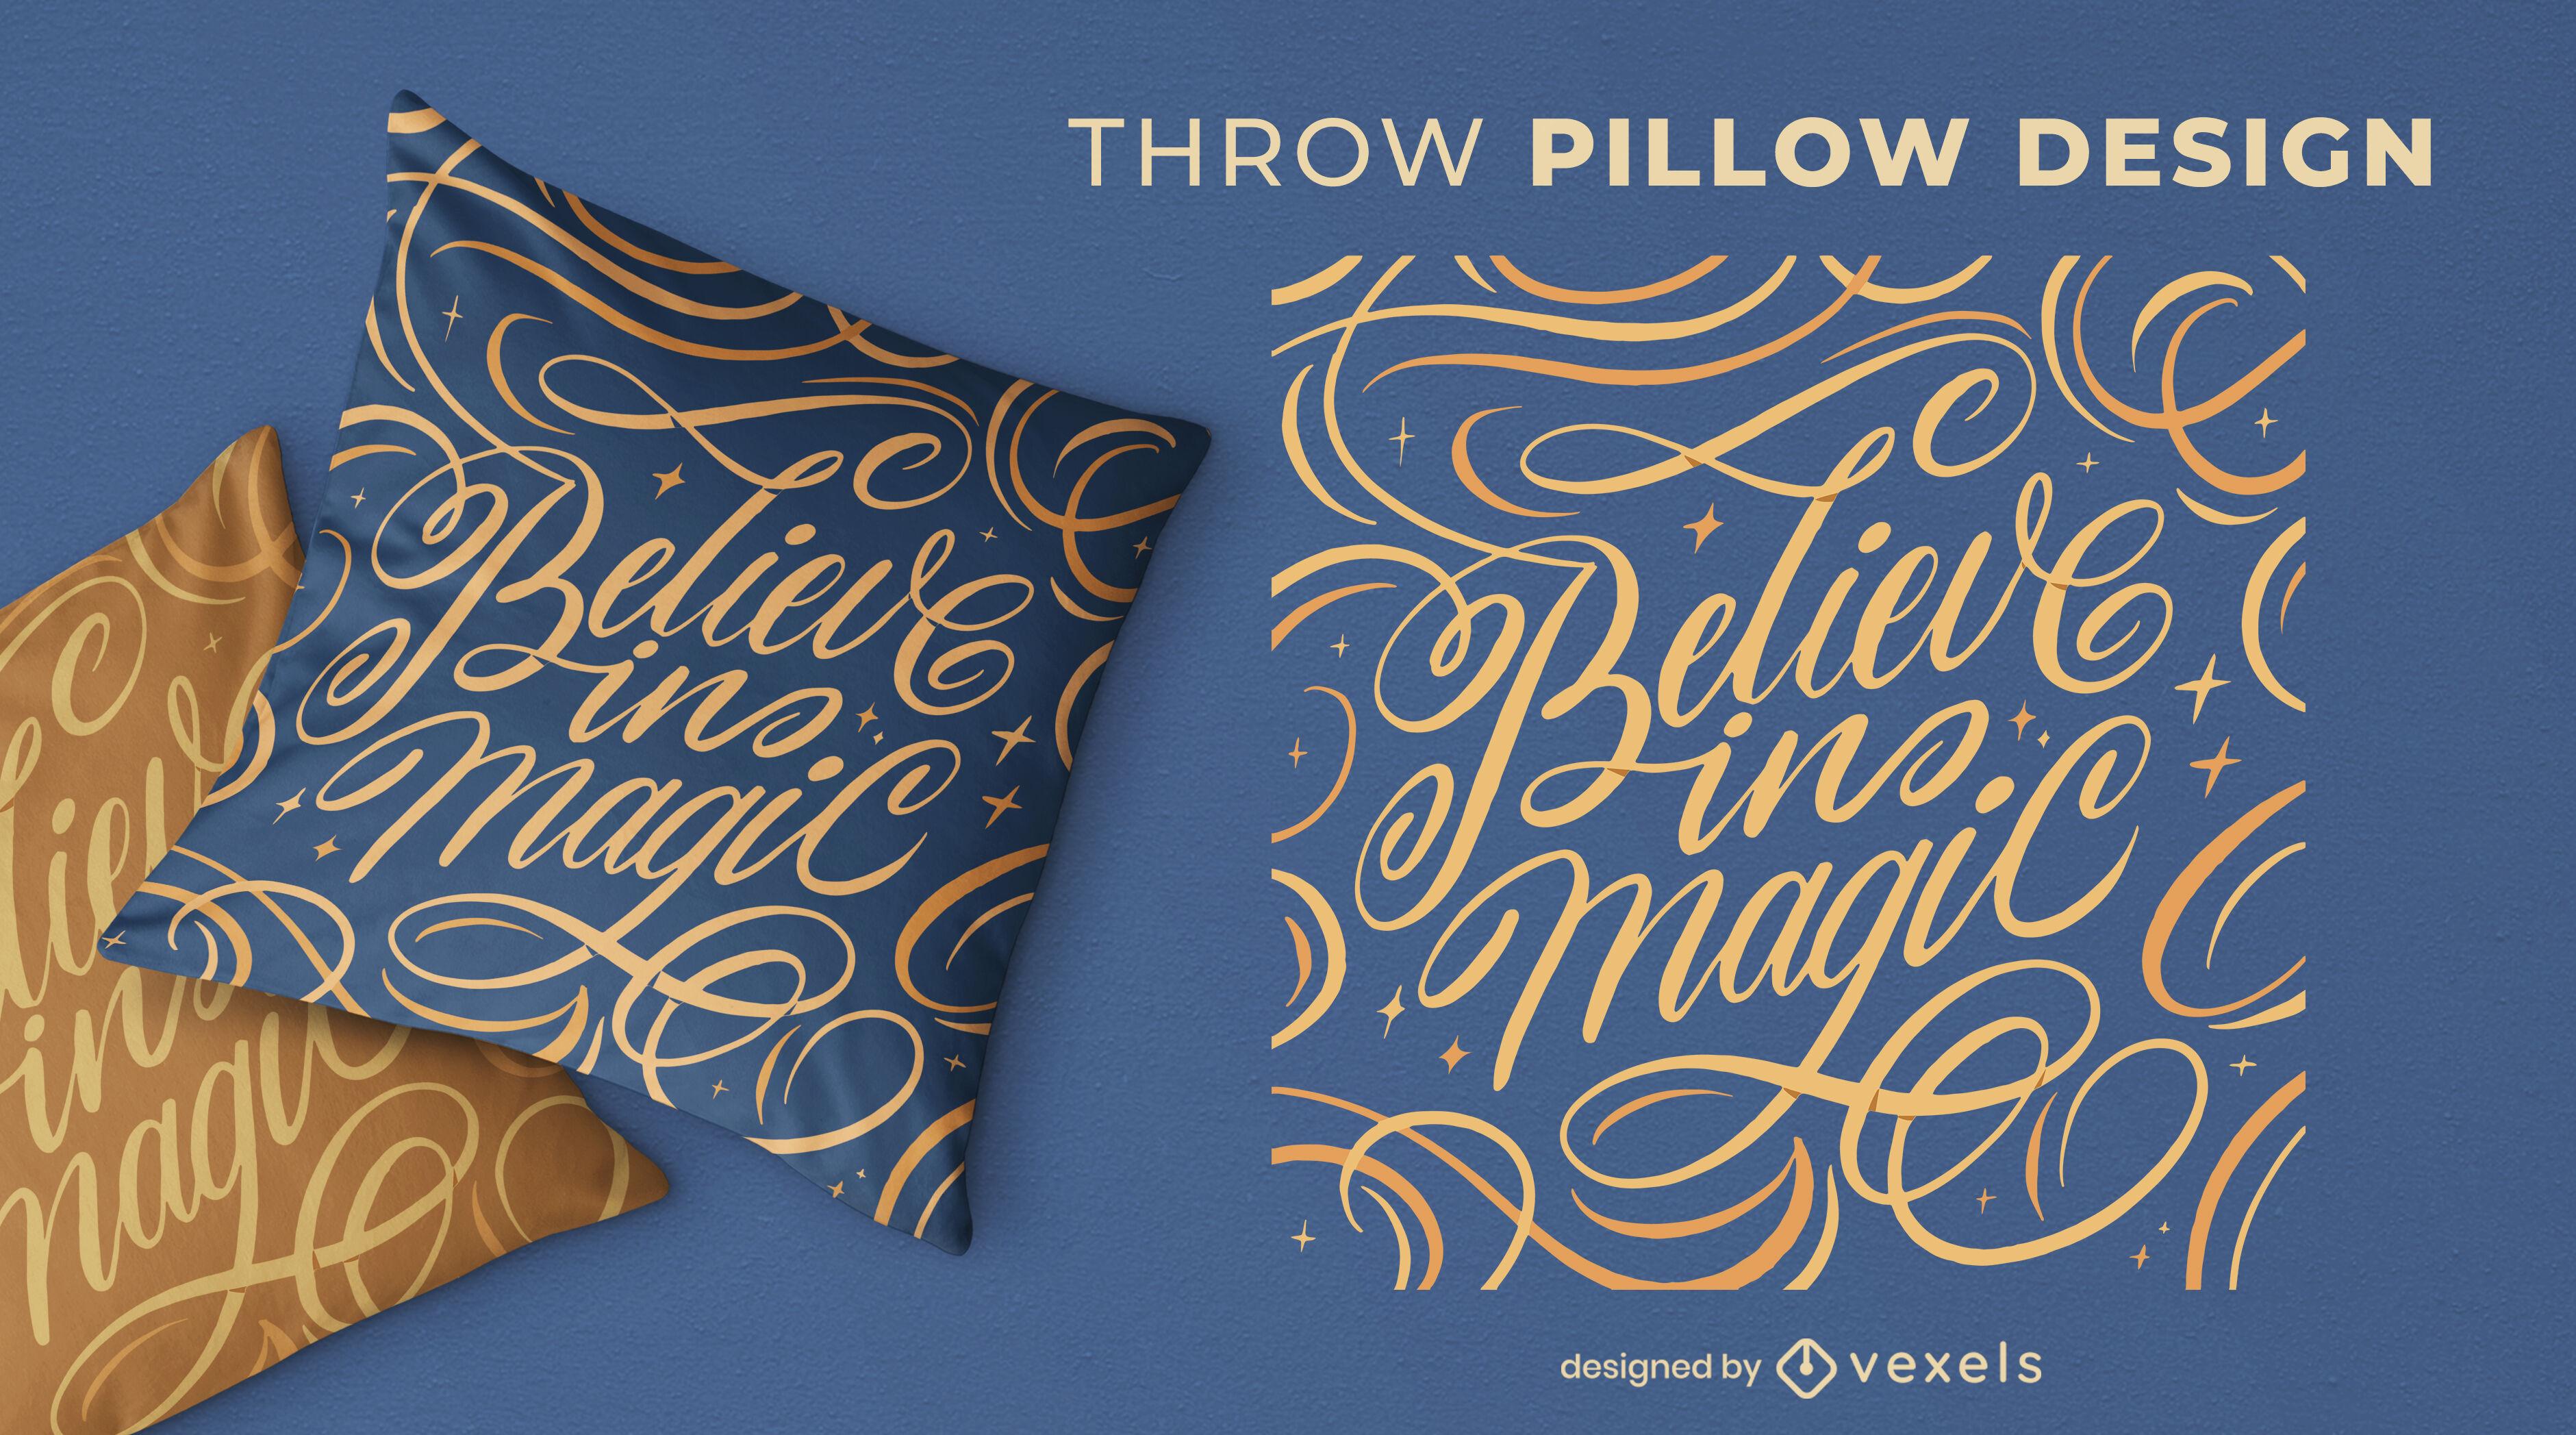 Design de almofada com letras motivacionais